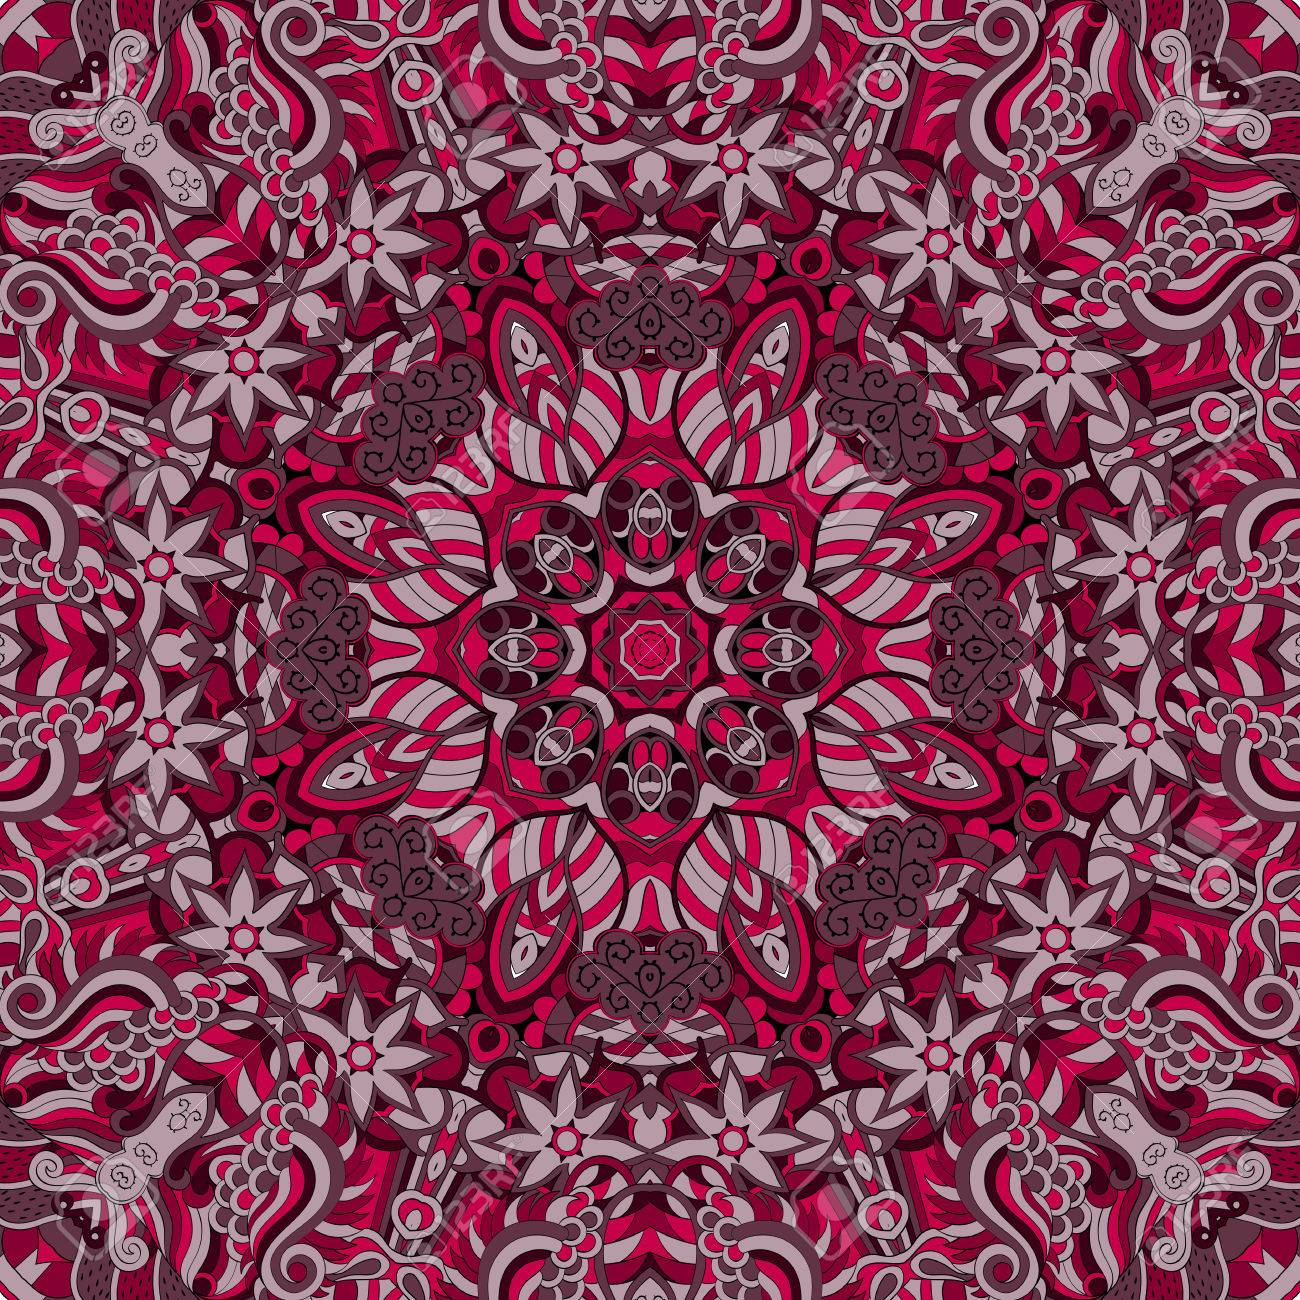 Teppich design textur  Tracery Buntes Rotes Muster. Mehendi-Teppich-Design. Gepflegte ...